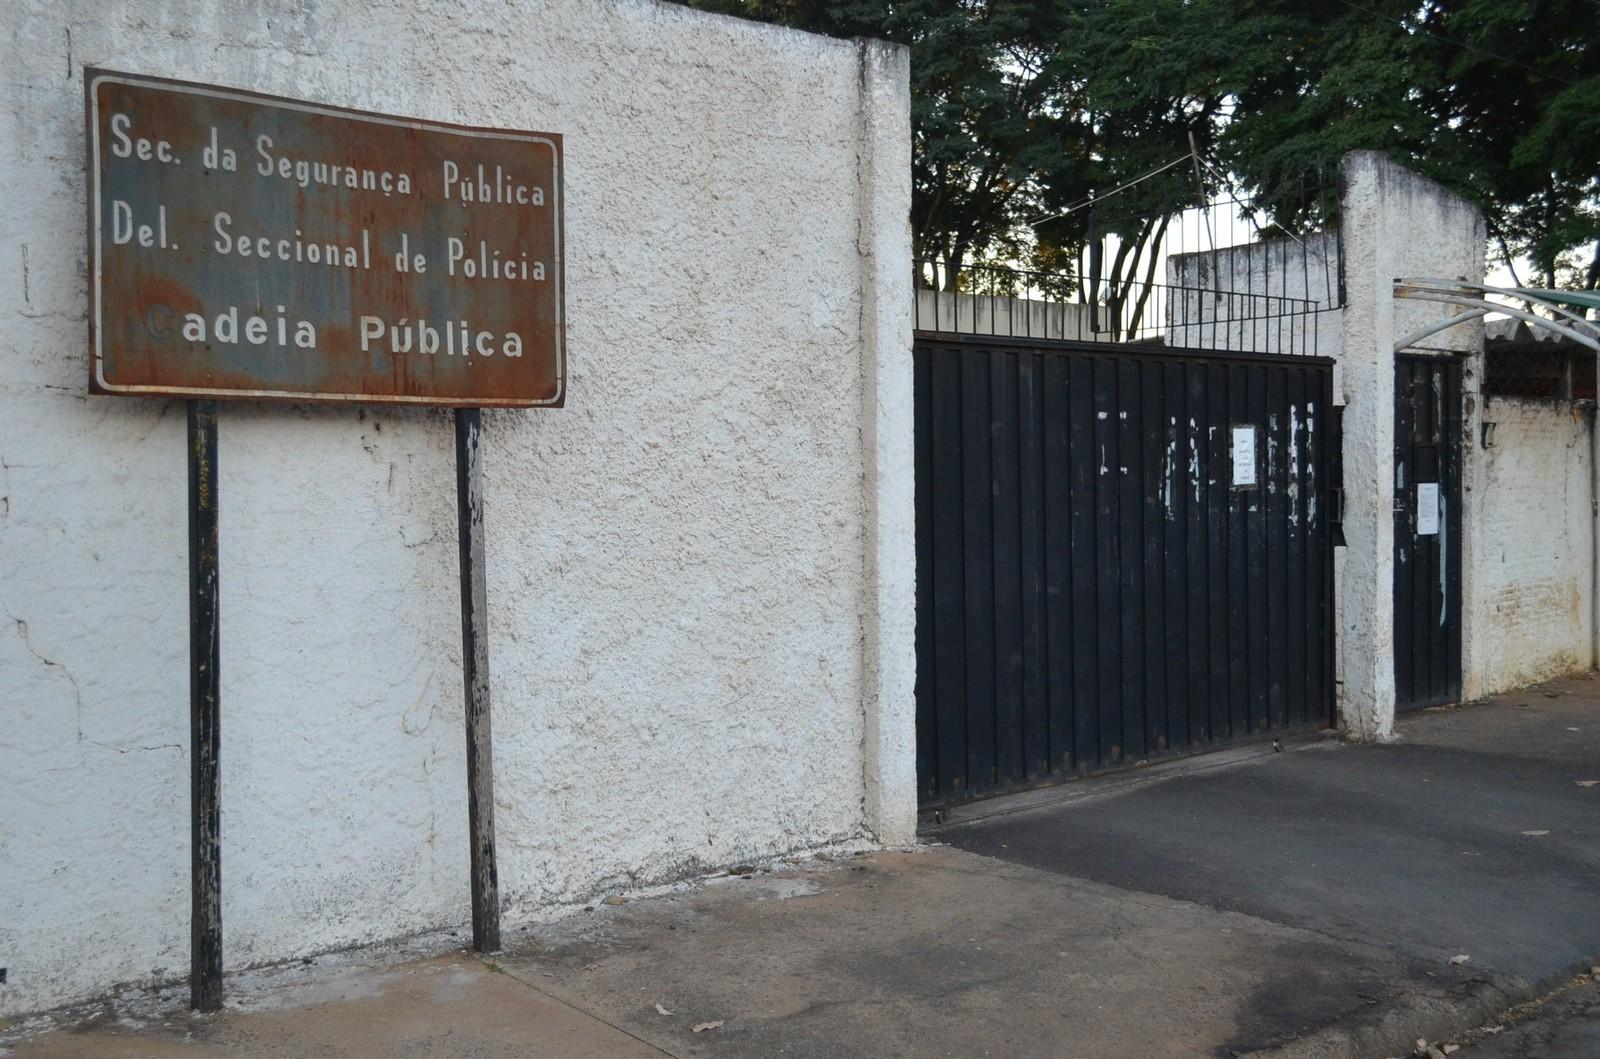 Homem finge ser colega de cela para se livrar da prisão em audiência de custódia em Franca, SP - Radio Evangelho Gospel